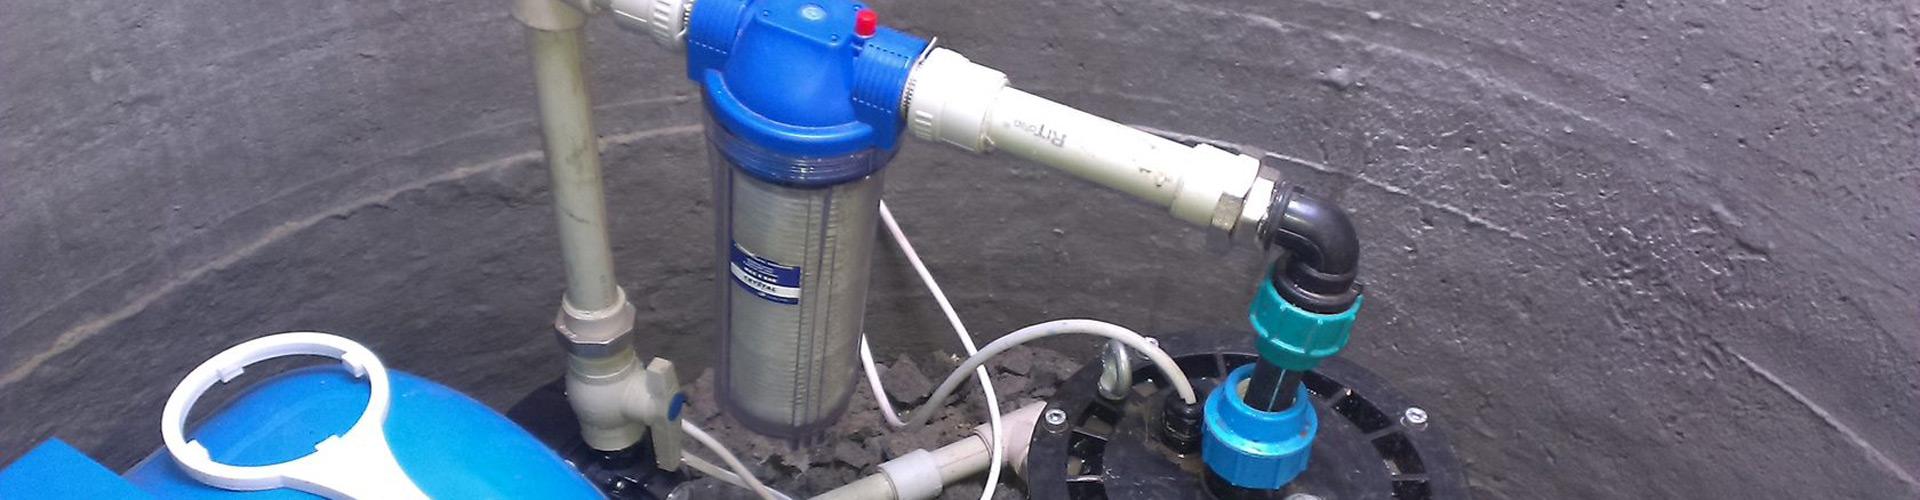 Водоснабжение из колодца в дом Московская область, недорого, профессионально